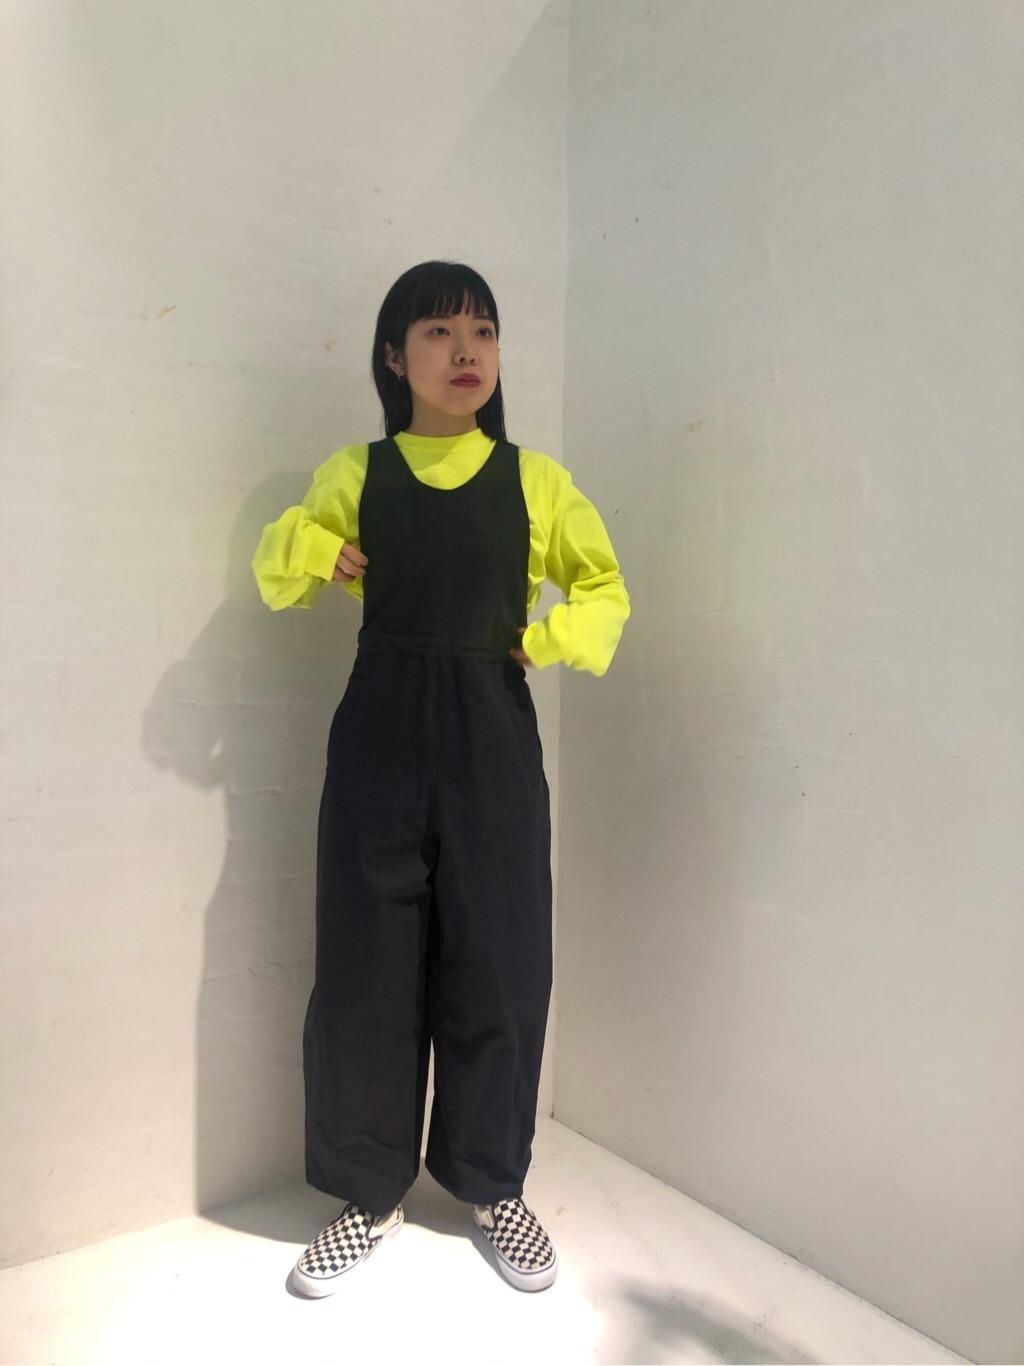 l'atelier du savon ラフォーレ原宿 身長:150cm 2020.03.18